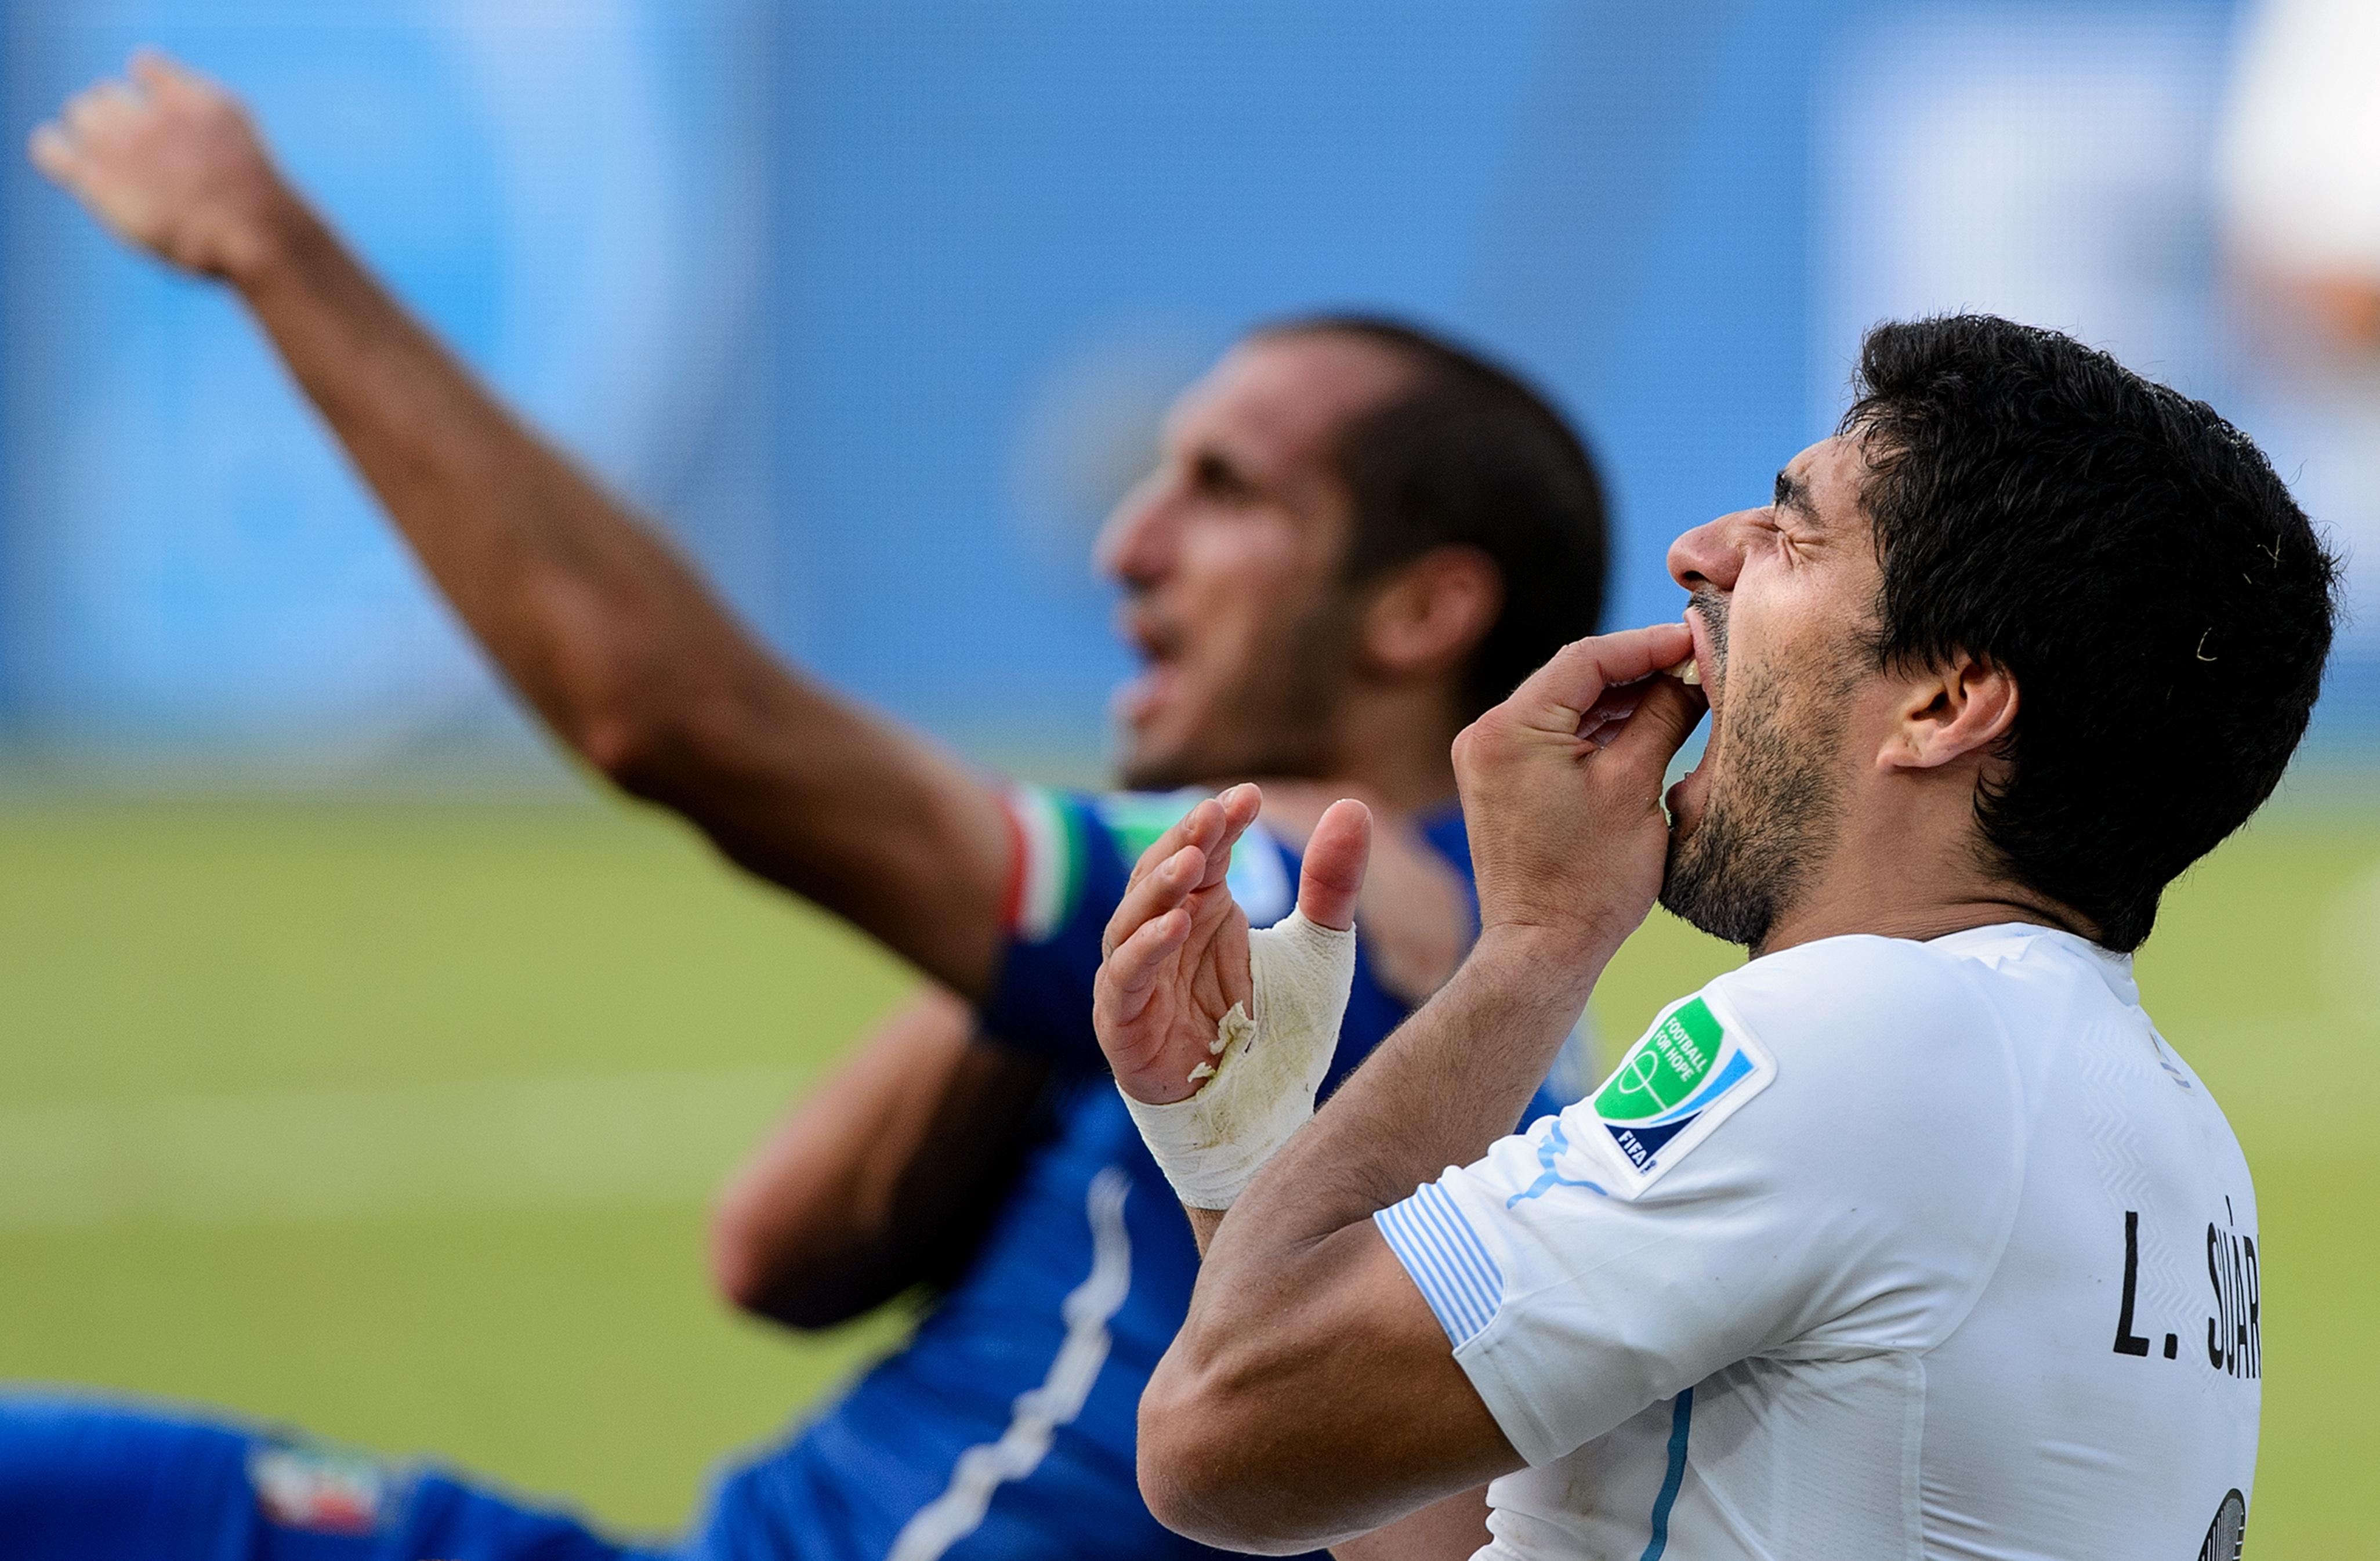 Luis Suárez y Chiellini en su incidente el Mundial Brasil 2014 (Crédito: Matthias Hangst/Getty Images)